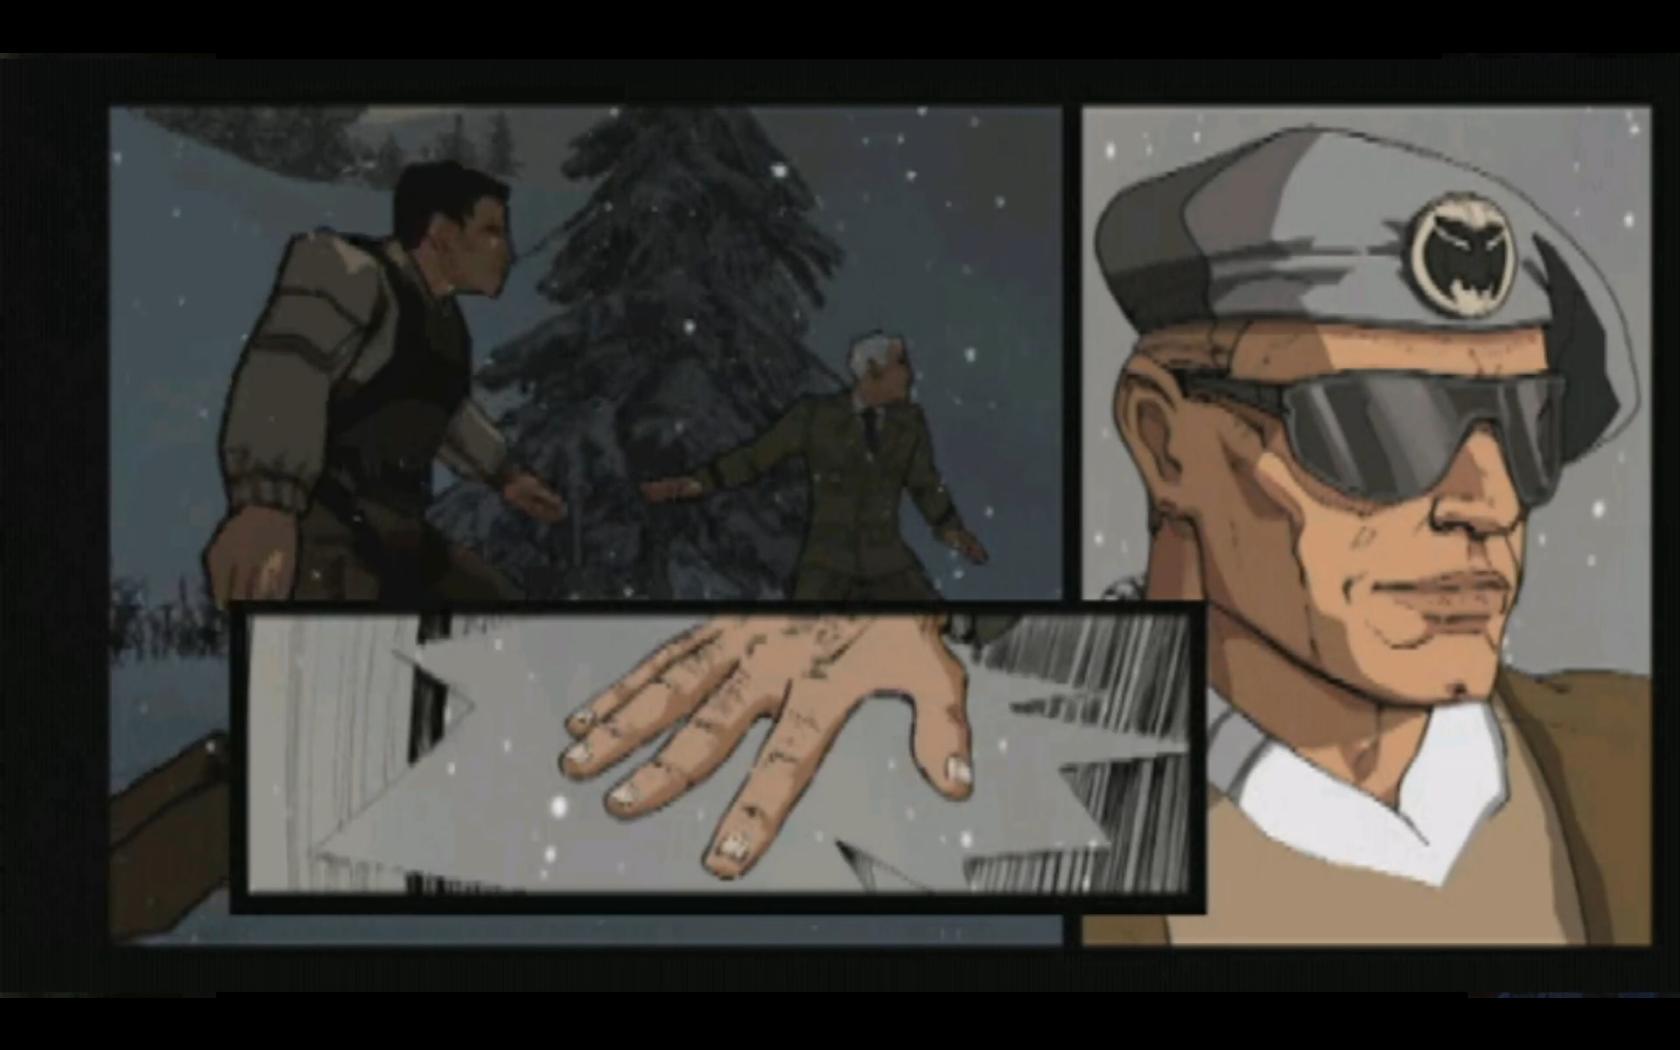 Похождения агента 013 | Обзор игры XIII. - Изображение 3